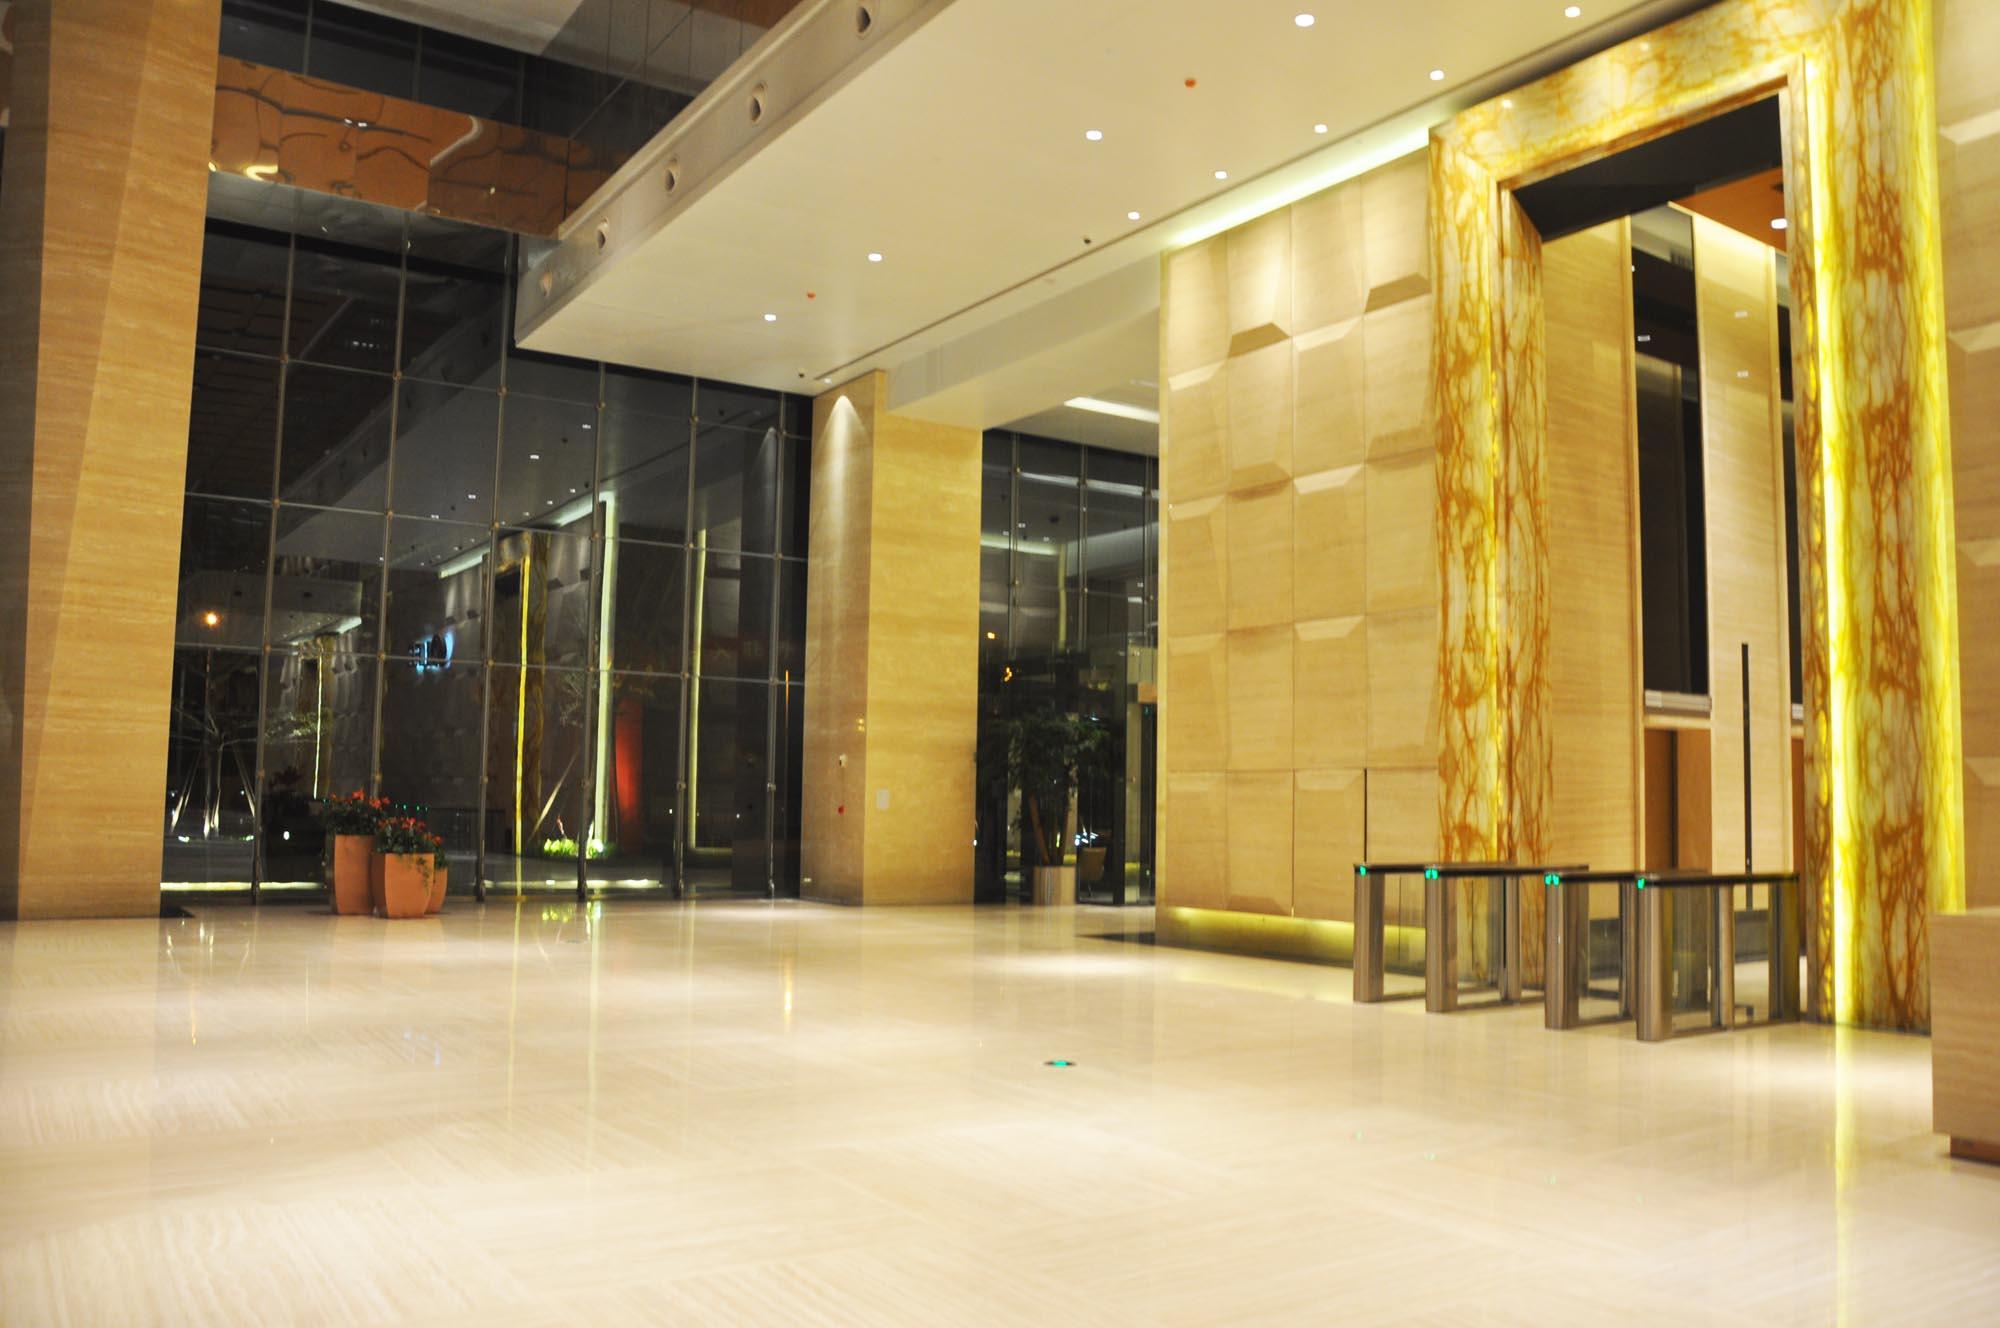 罗马洞石装修设计之升龙环球大厦高清图片